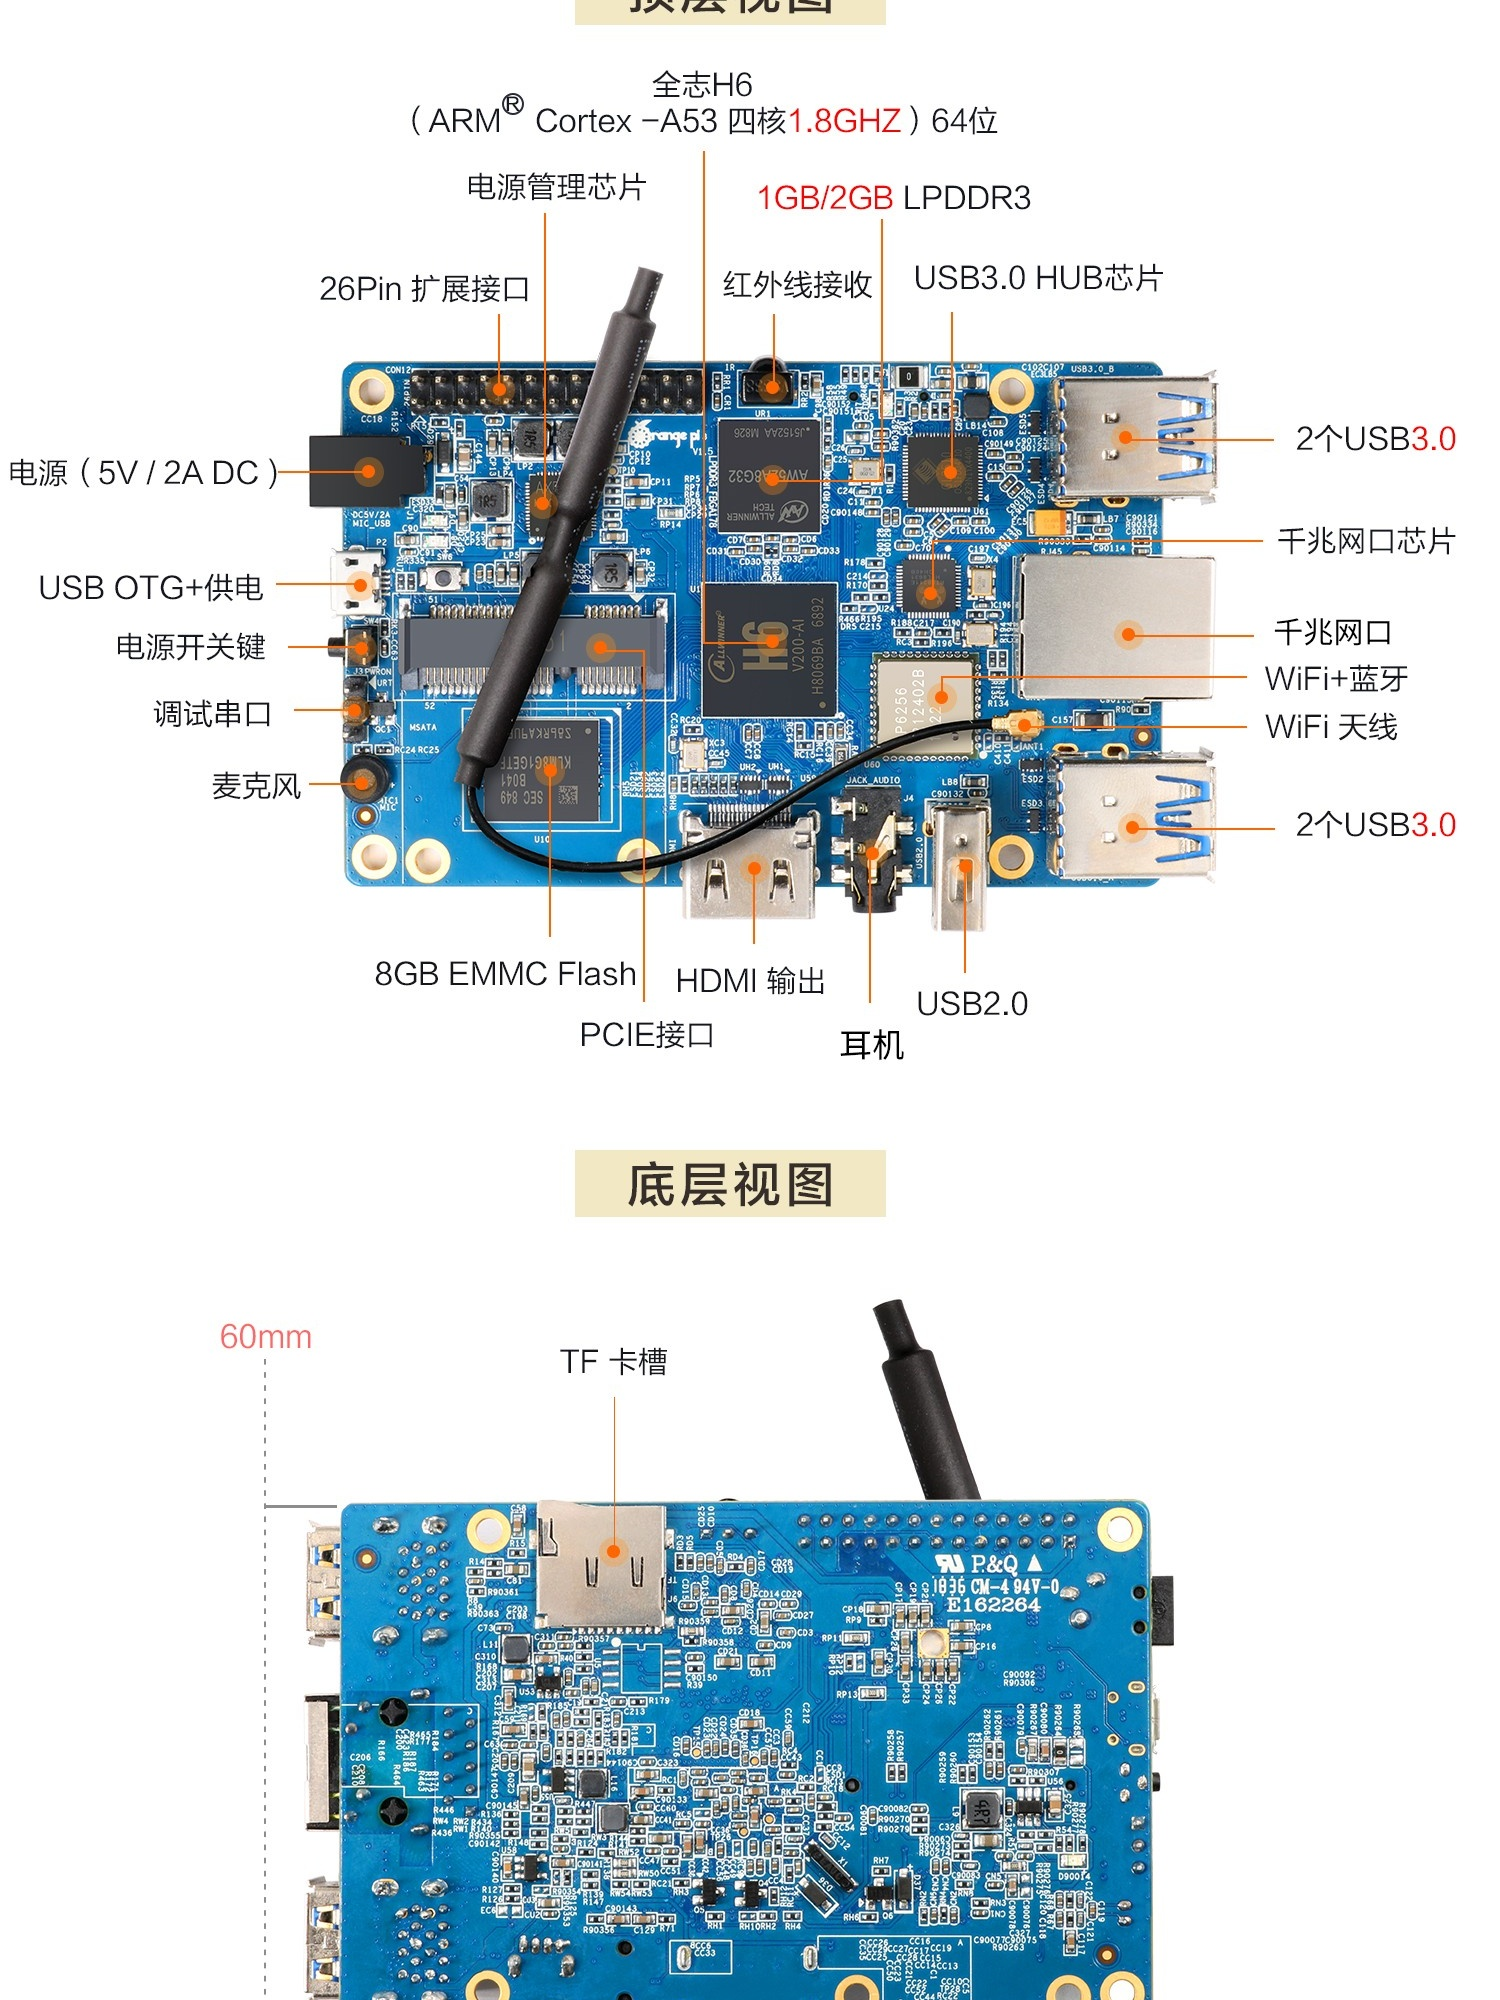 香橙派OrangePi 3 开发板在Linux系统下如何使用蓝牙